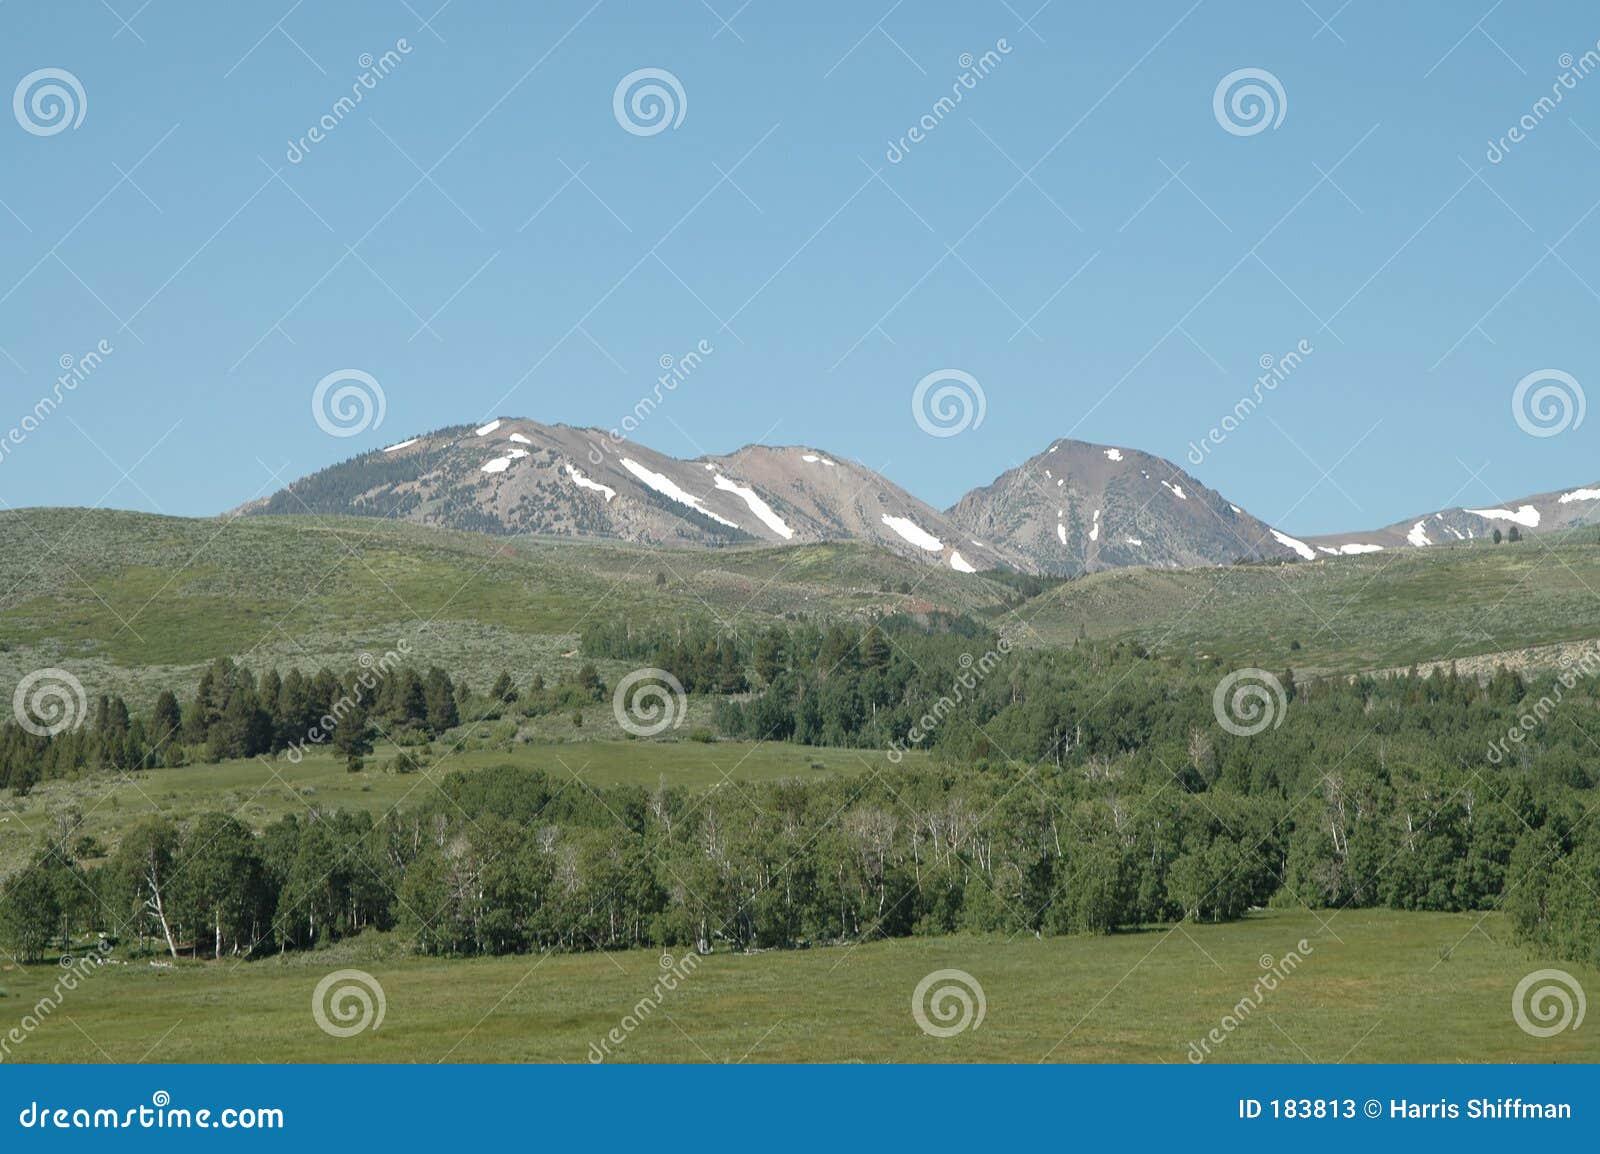 Sierra nieve